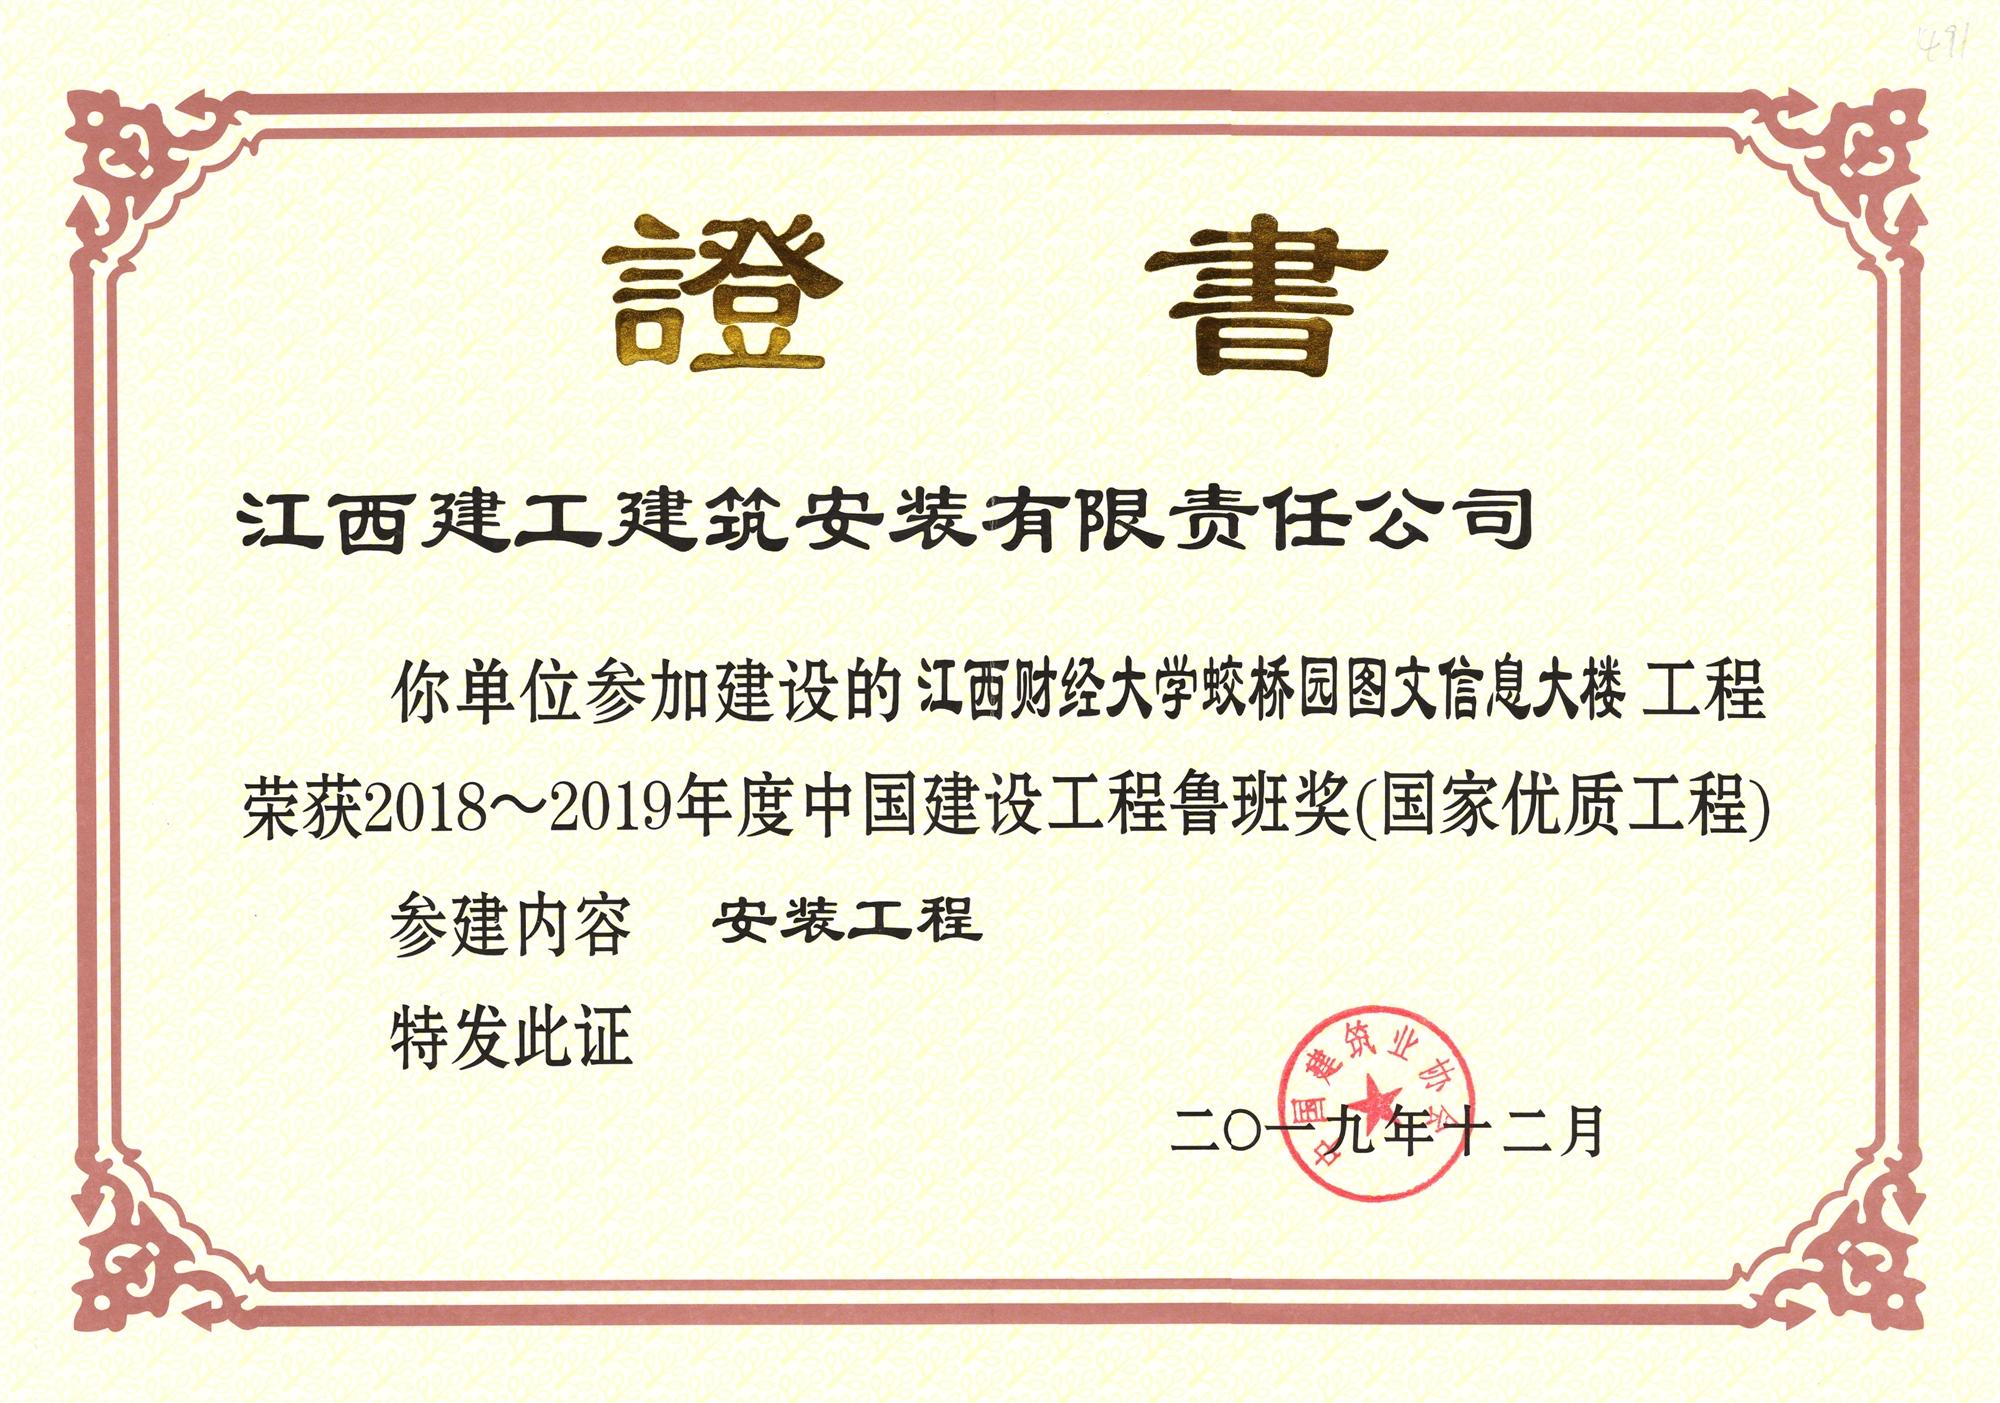 魯班獎2019證書